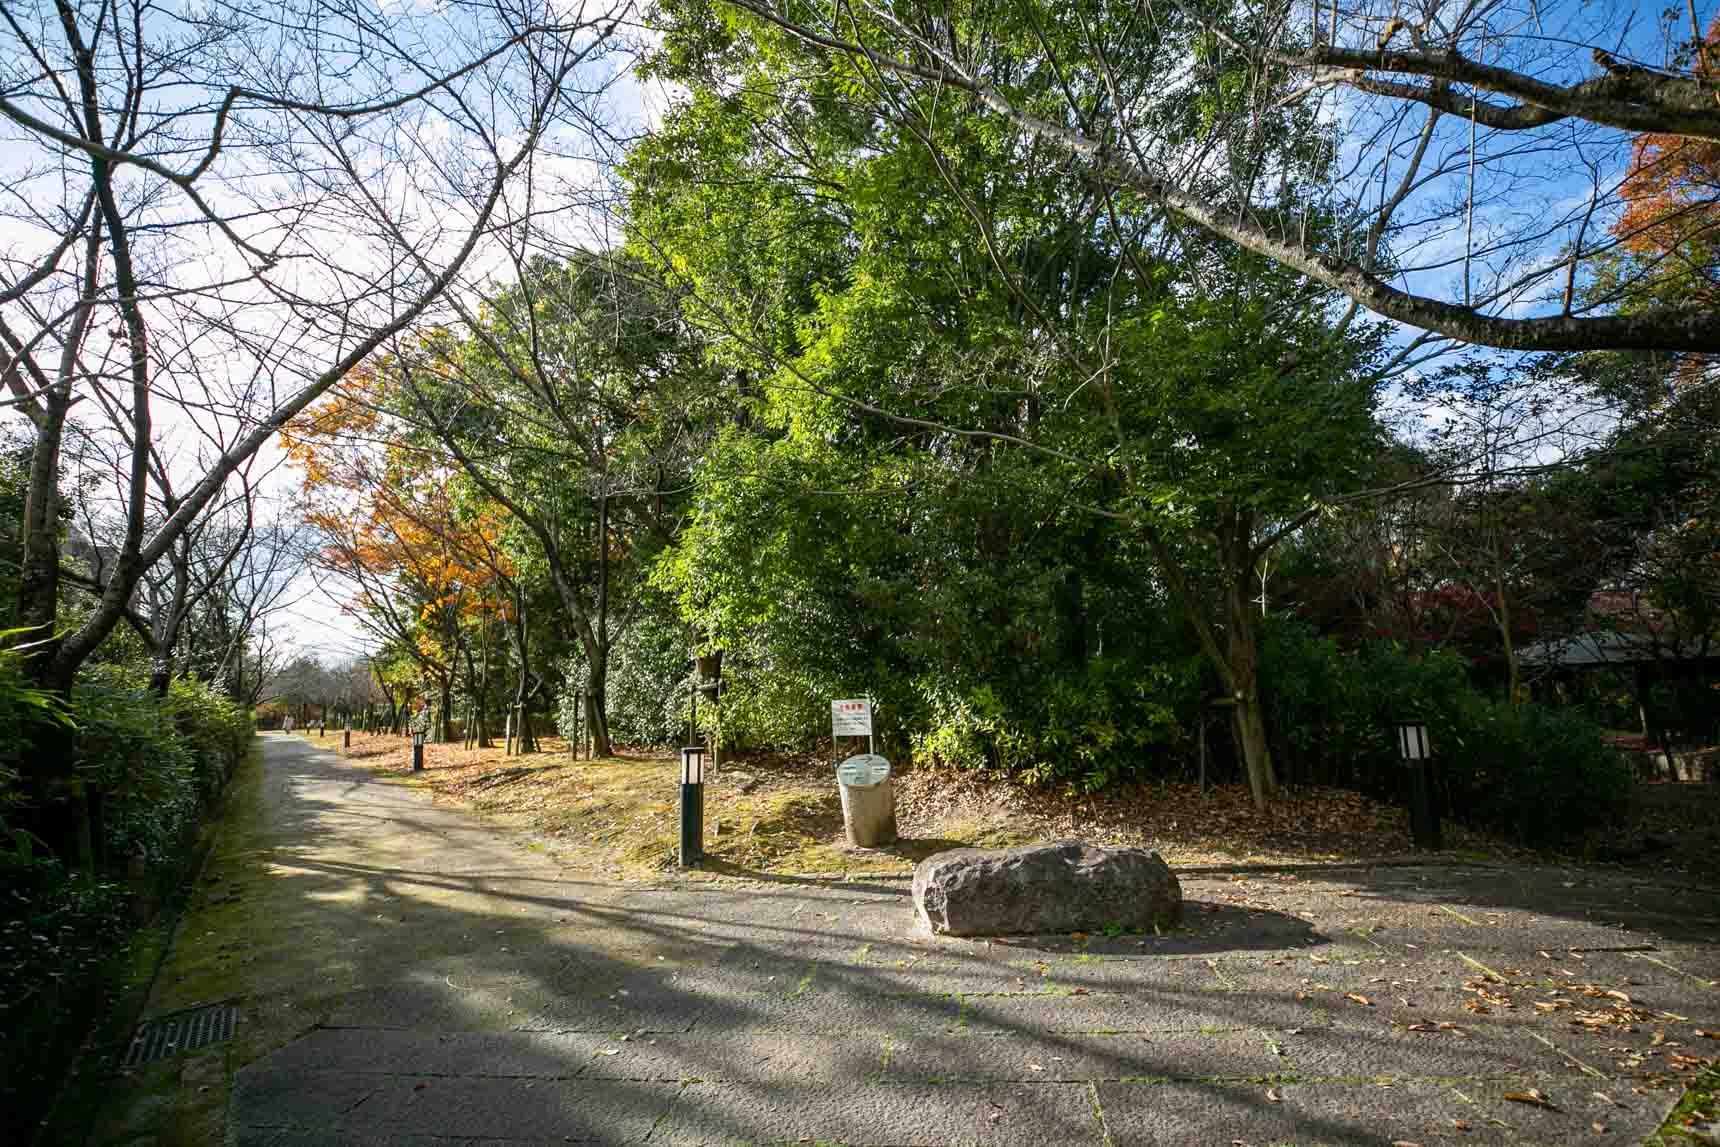 そしてこちらが、団地を囲むように広がっている水晶山緑地。綺麗に整備された遊歩道を散策するもよし